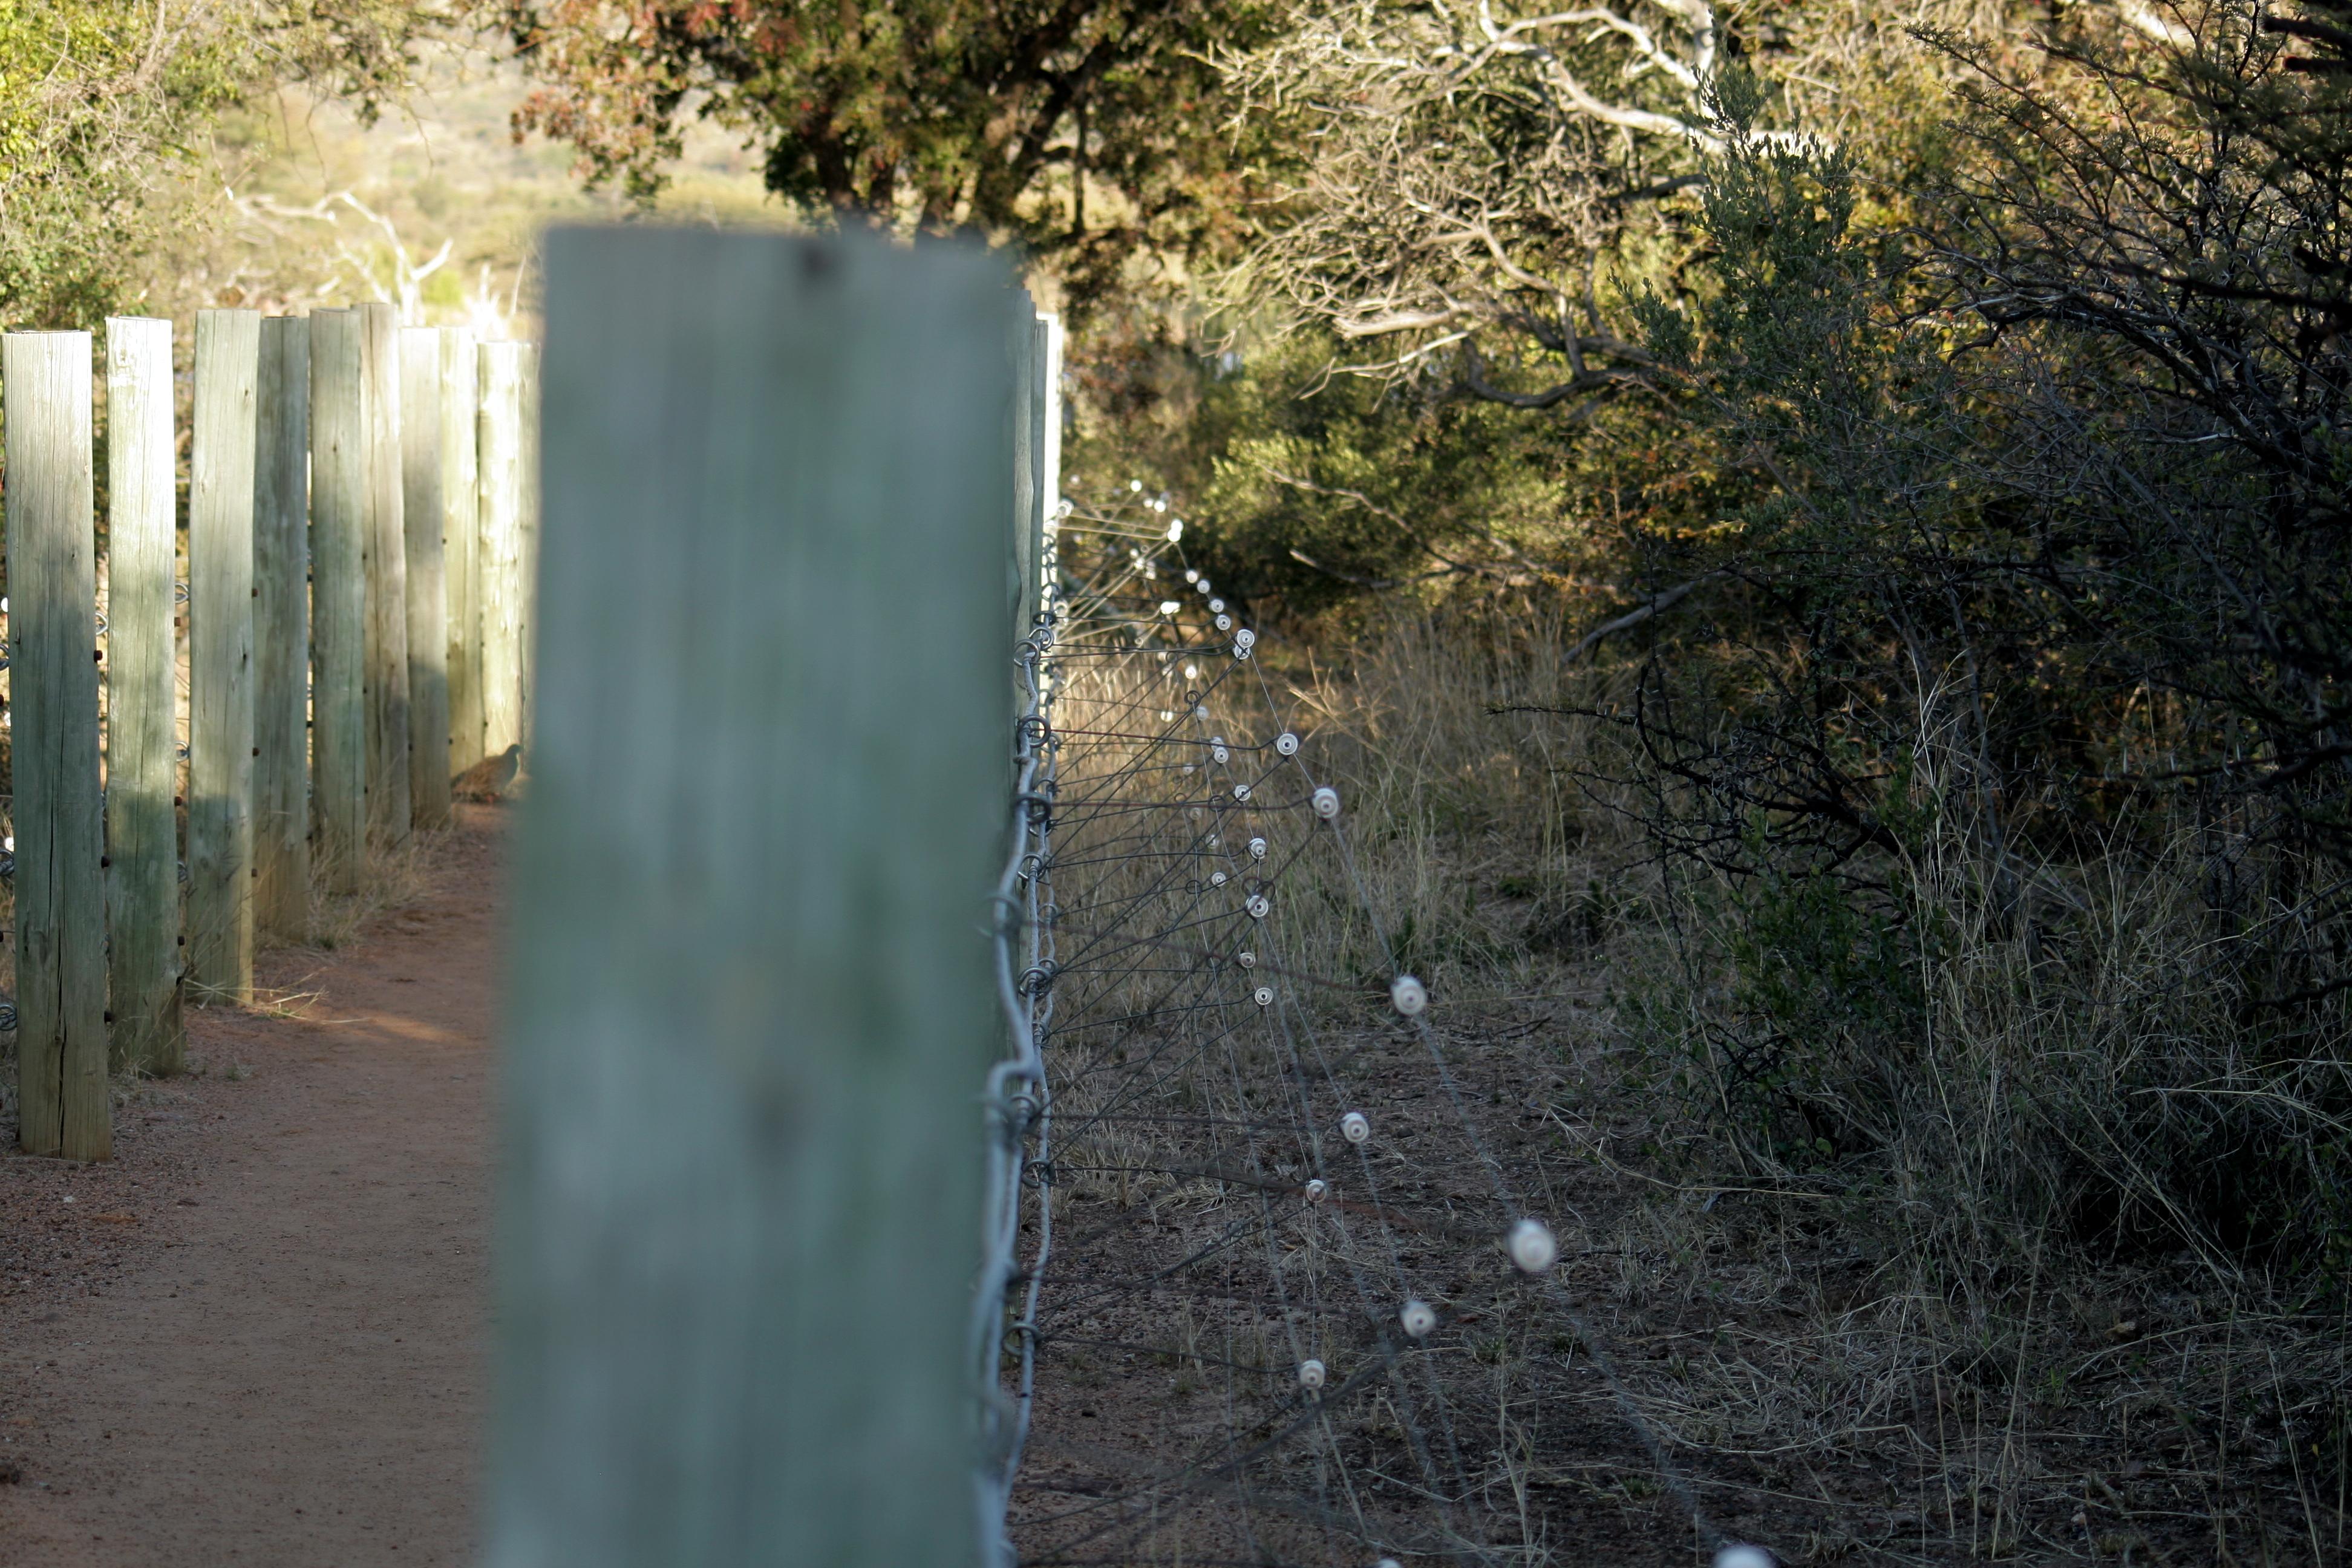 Electric Fence Military Wiki Fandom Powered By Wikia Wiring